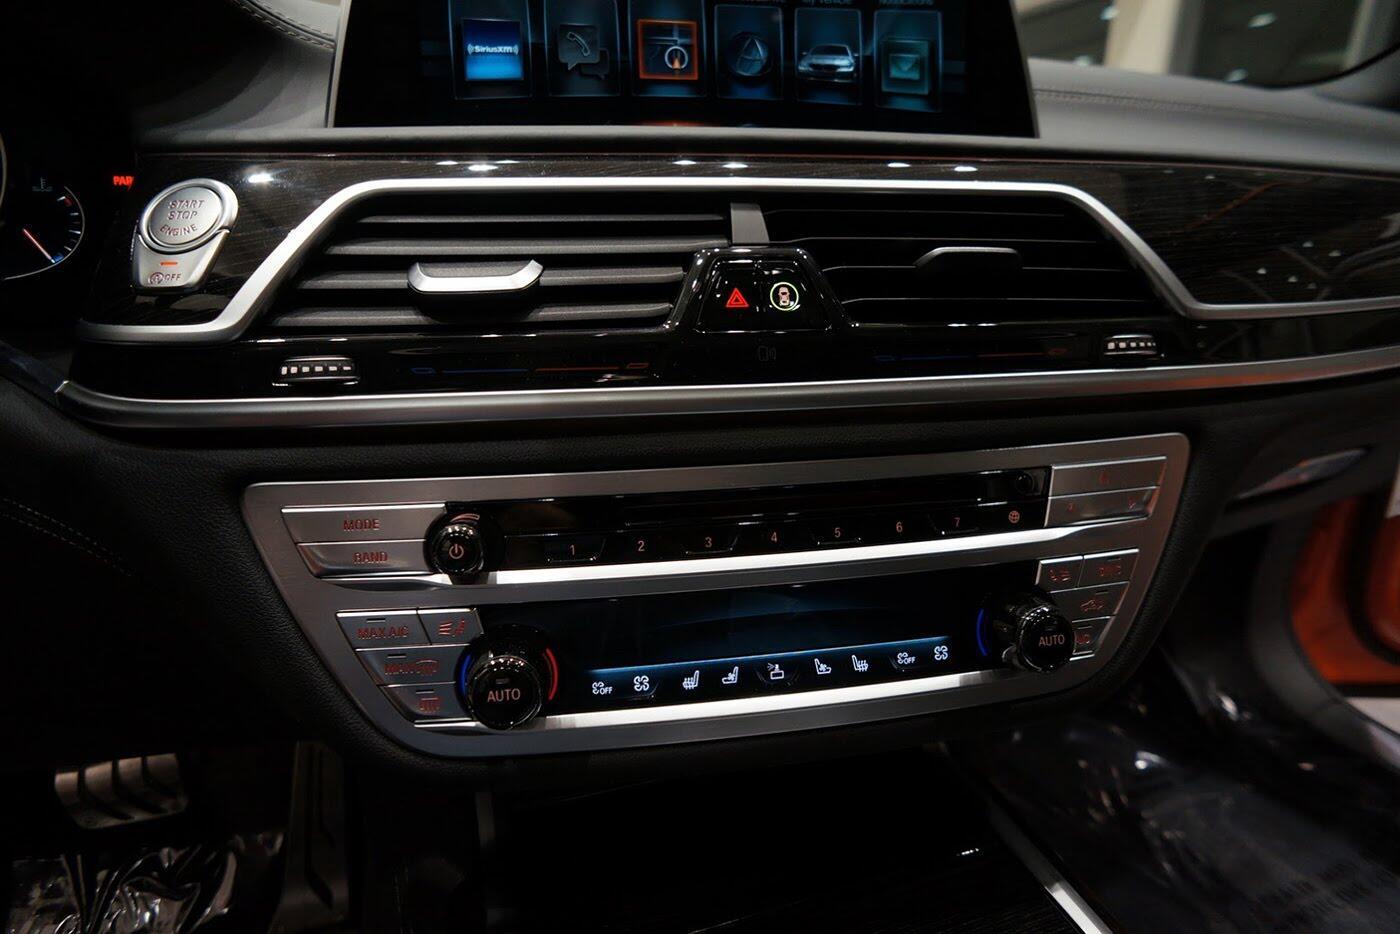 Cận cảnh BMW 750i 2017 phiên bản đặc biệt Fire Orange - Hình 20